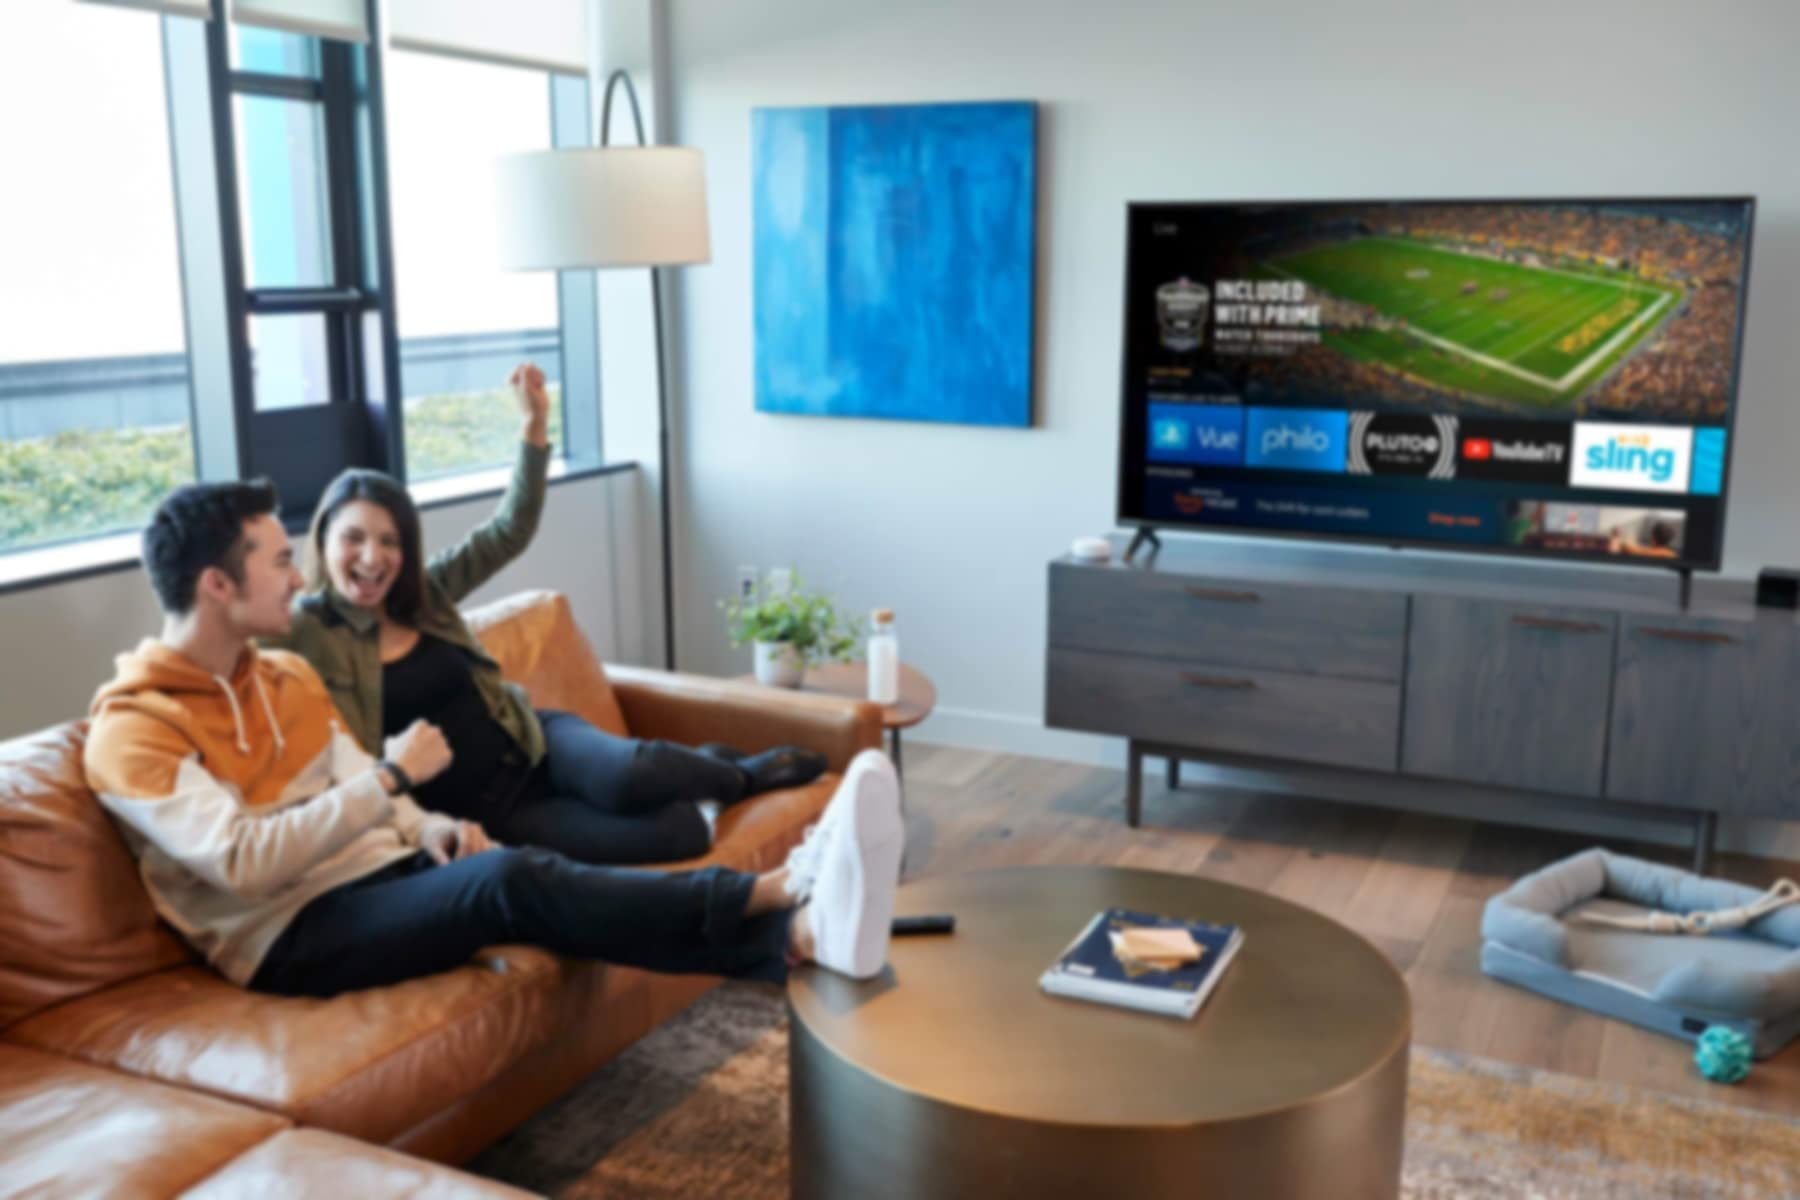 Homme et femme assis sur un canapé applaudissant devant une télévision.